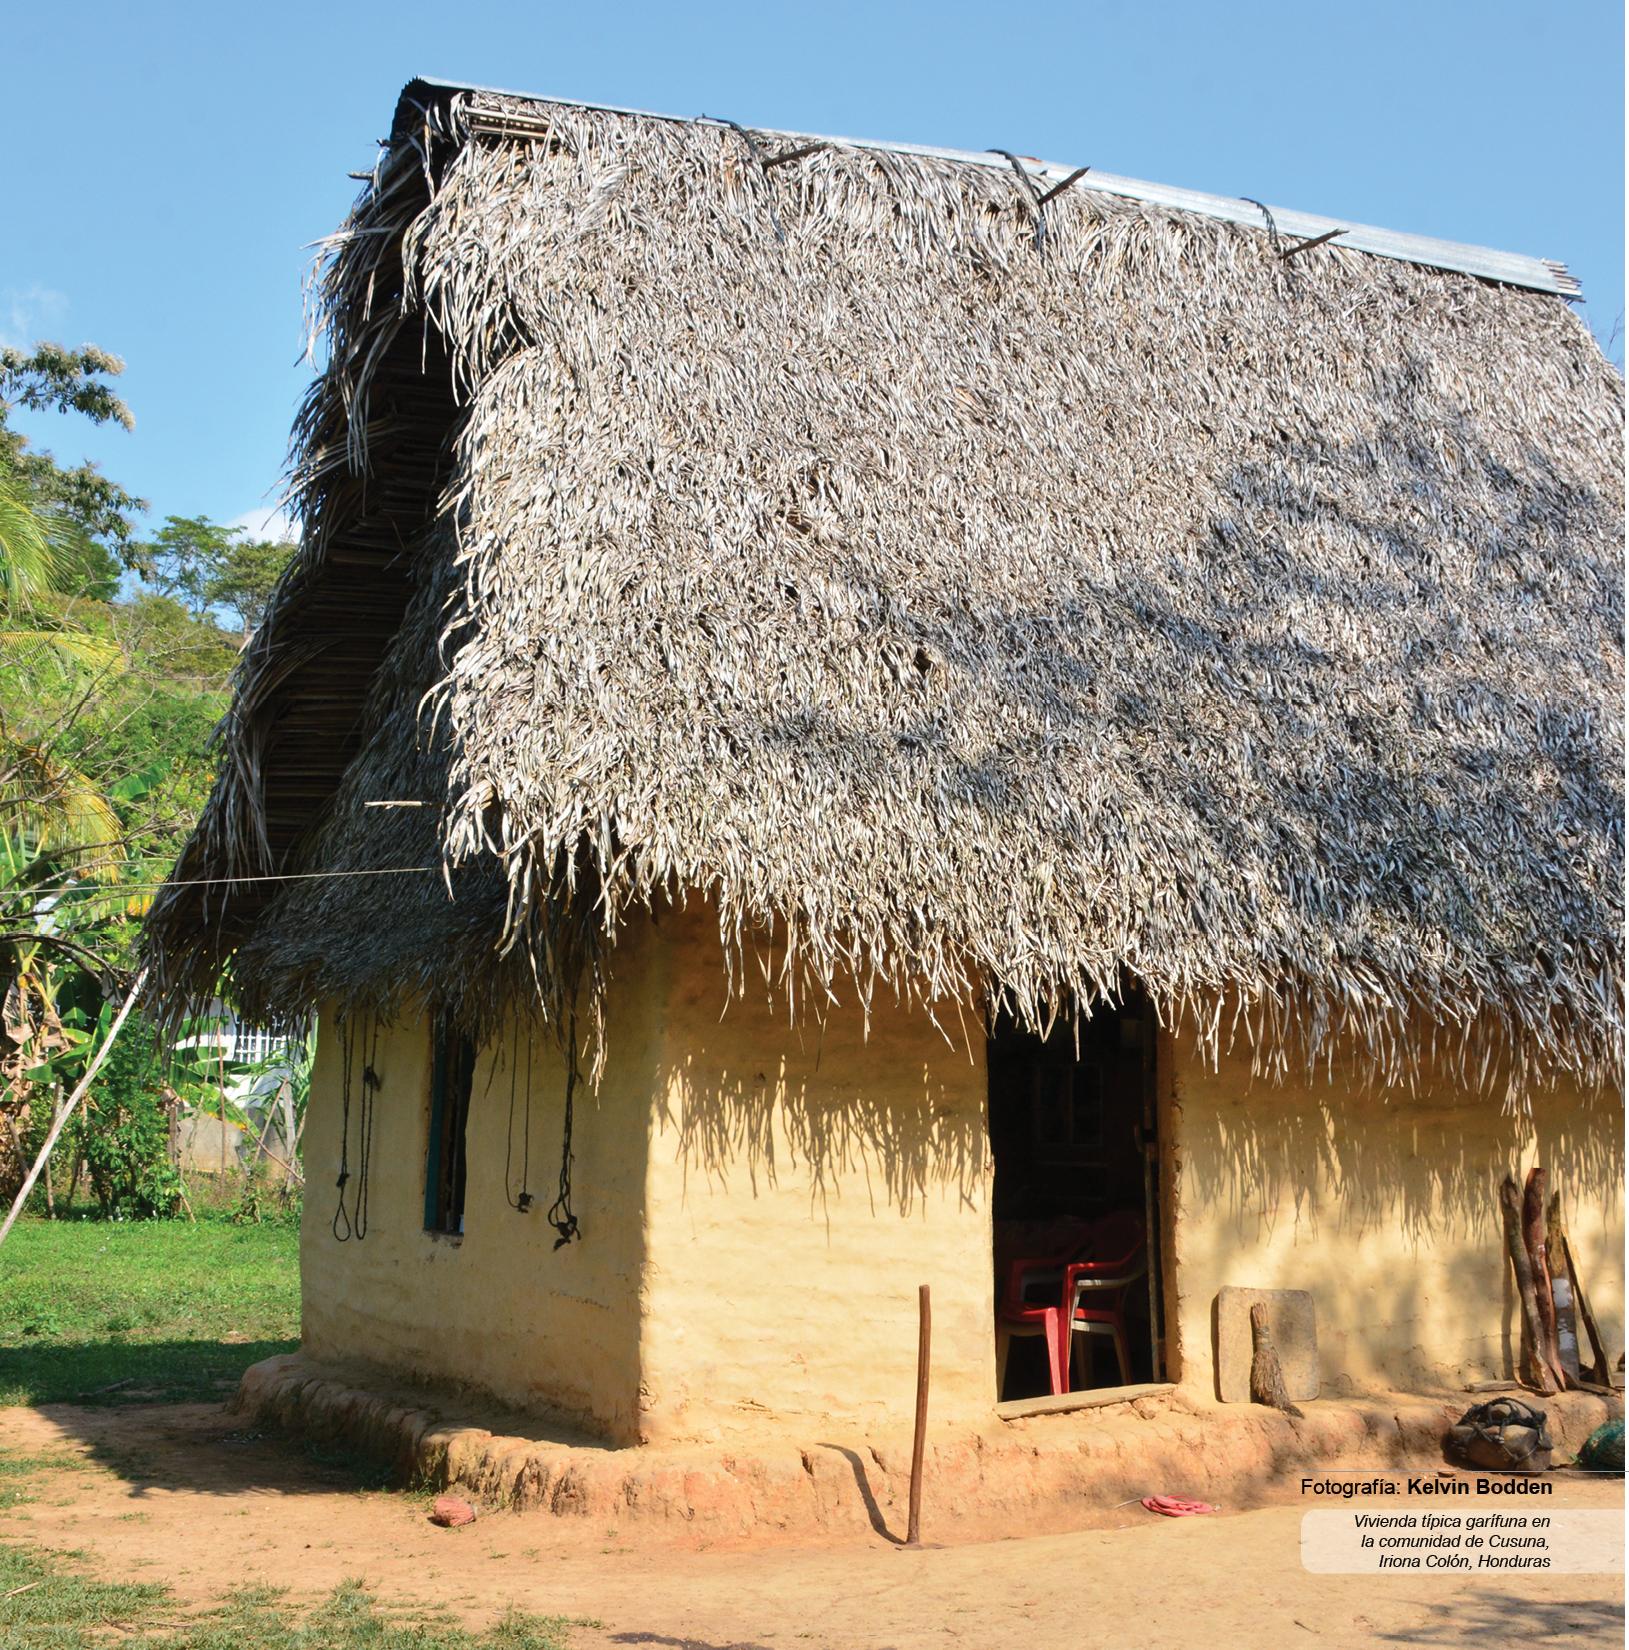 Vivienda típica garífuna en la comunidad de Cusuna, Iriona Colón, Honduras.